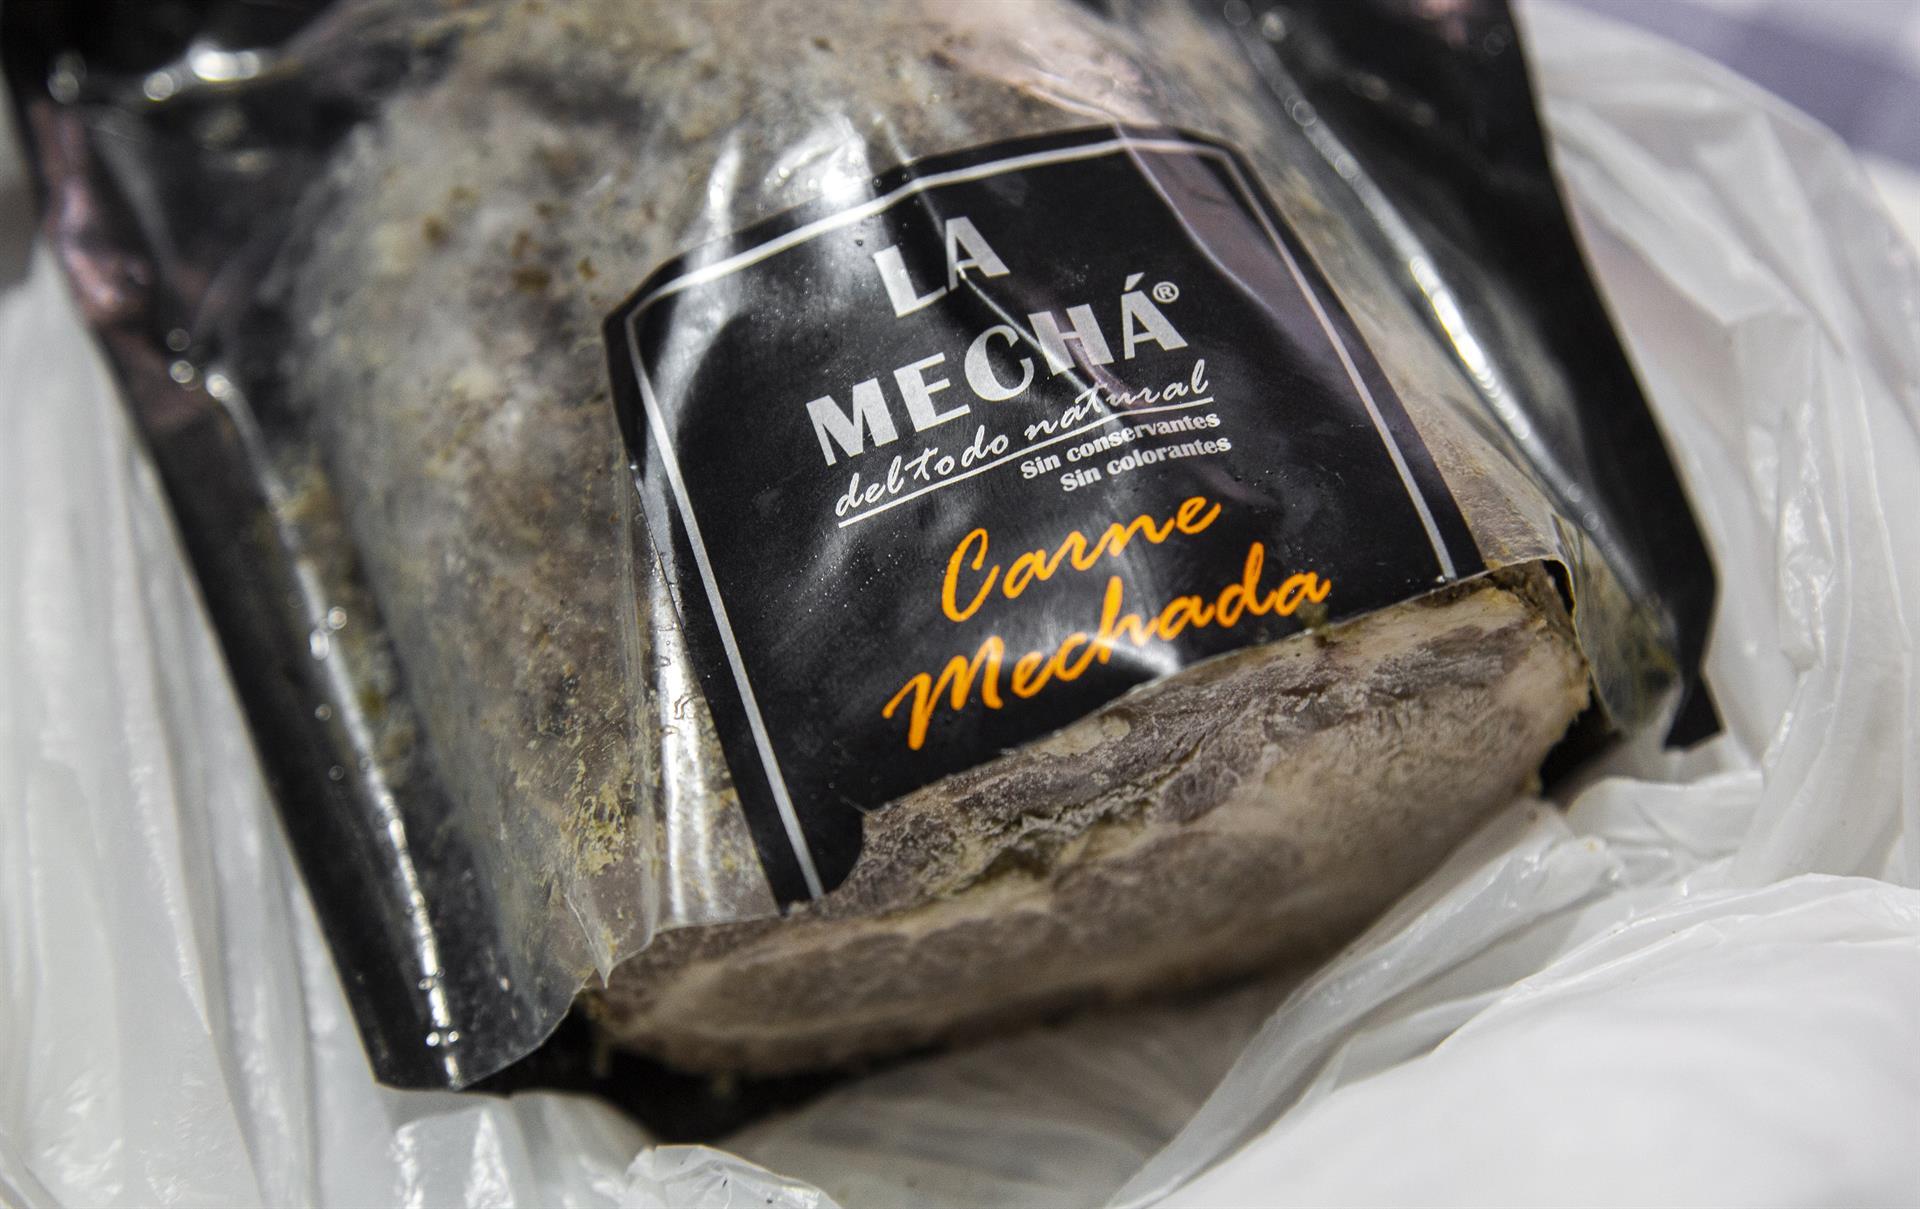 El sector cárnico pide confianza al consumidor ante el brote de listeriosis